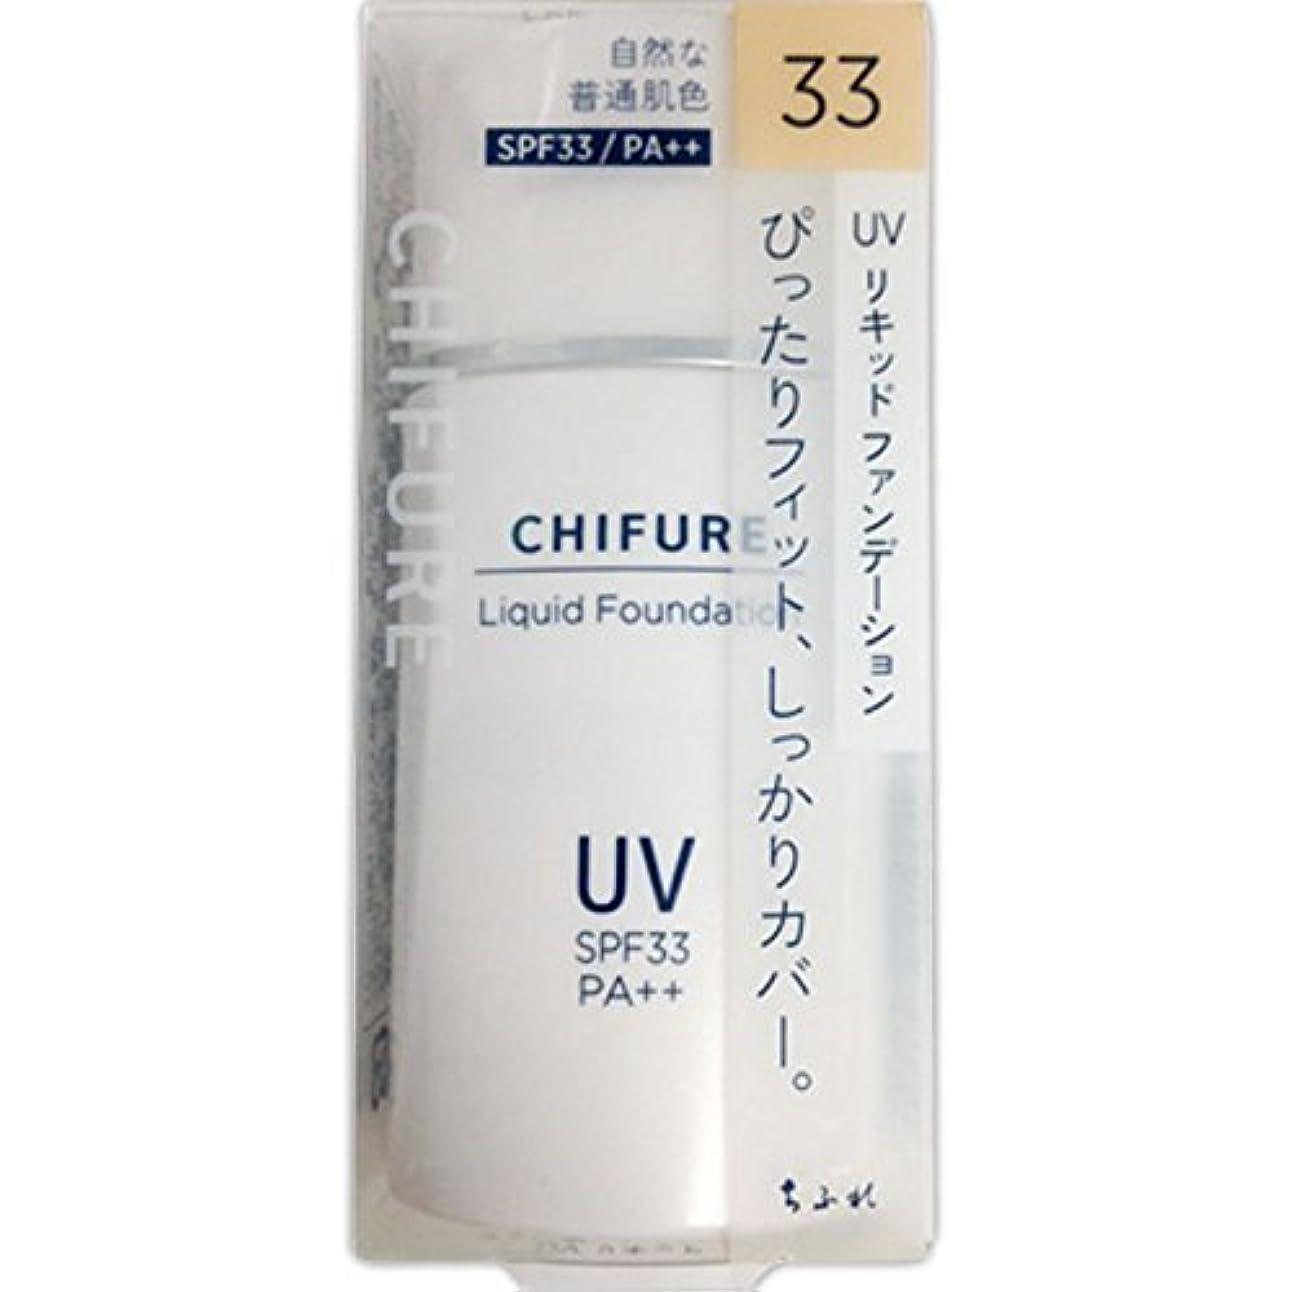 交通法医学ソケットちふれ化粧品 UV リキッド ファンデーション 33 自然な普通肌色 30ML